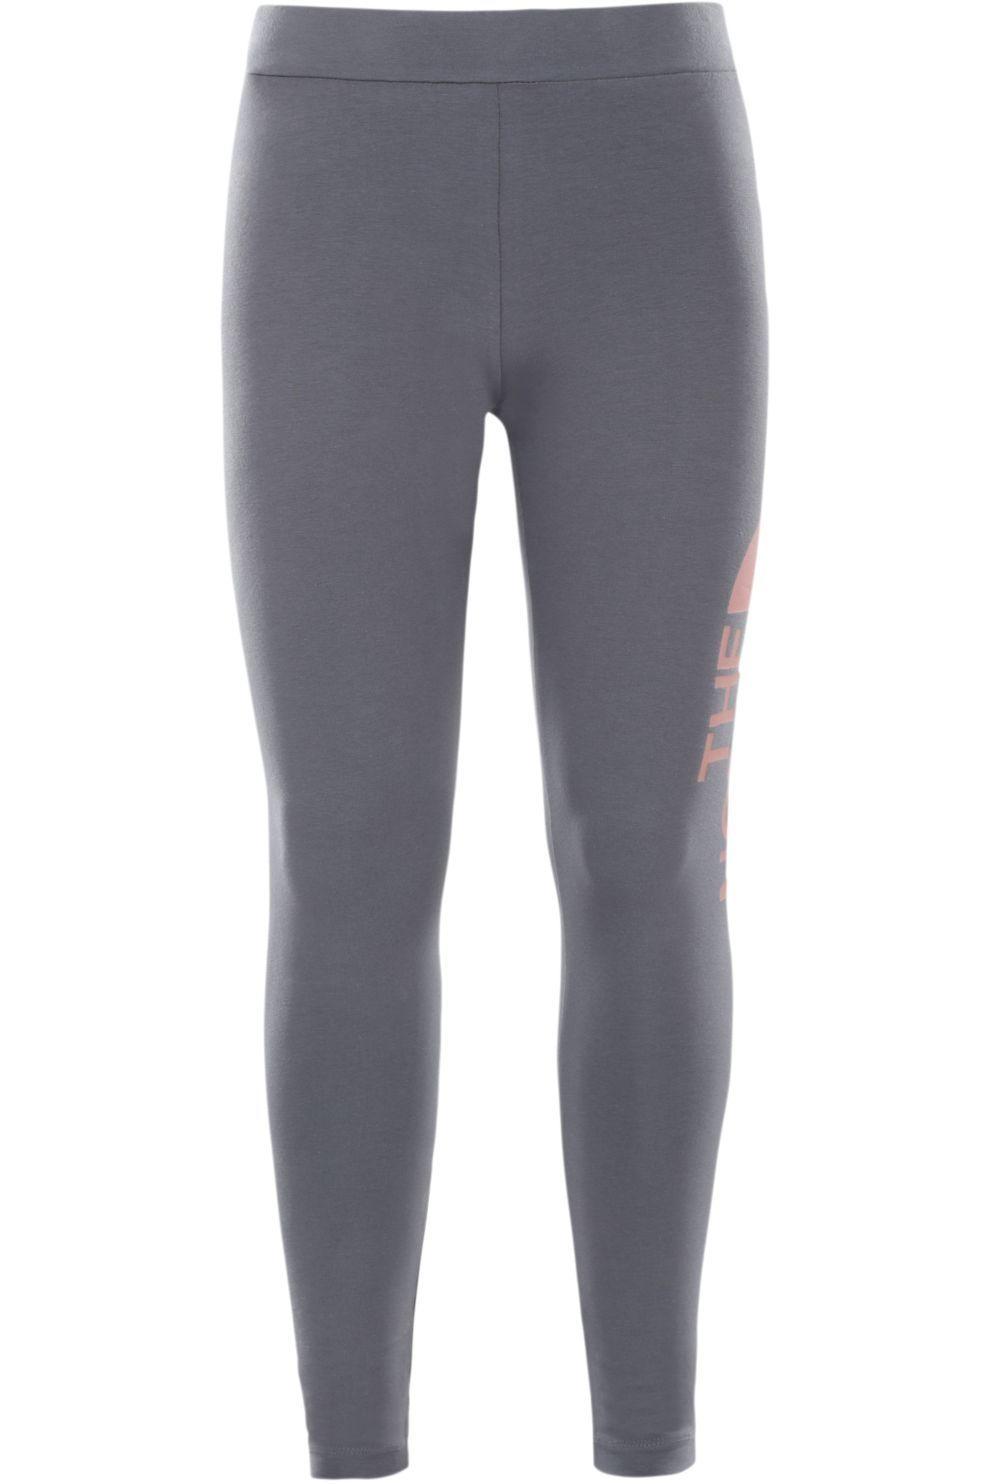 The North Face Broek Cotton Blend Legging voor meisjes - Grijs/Zwart - Maten: L, XL